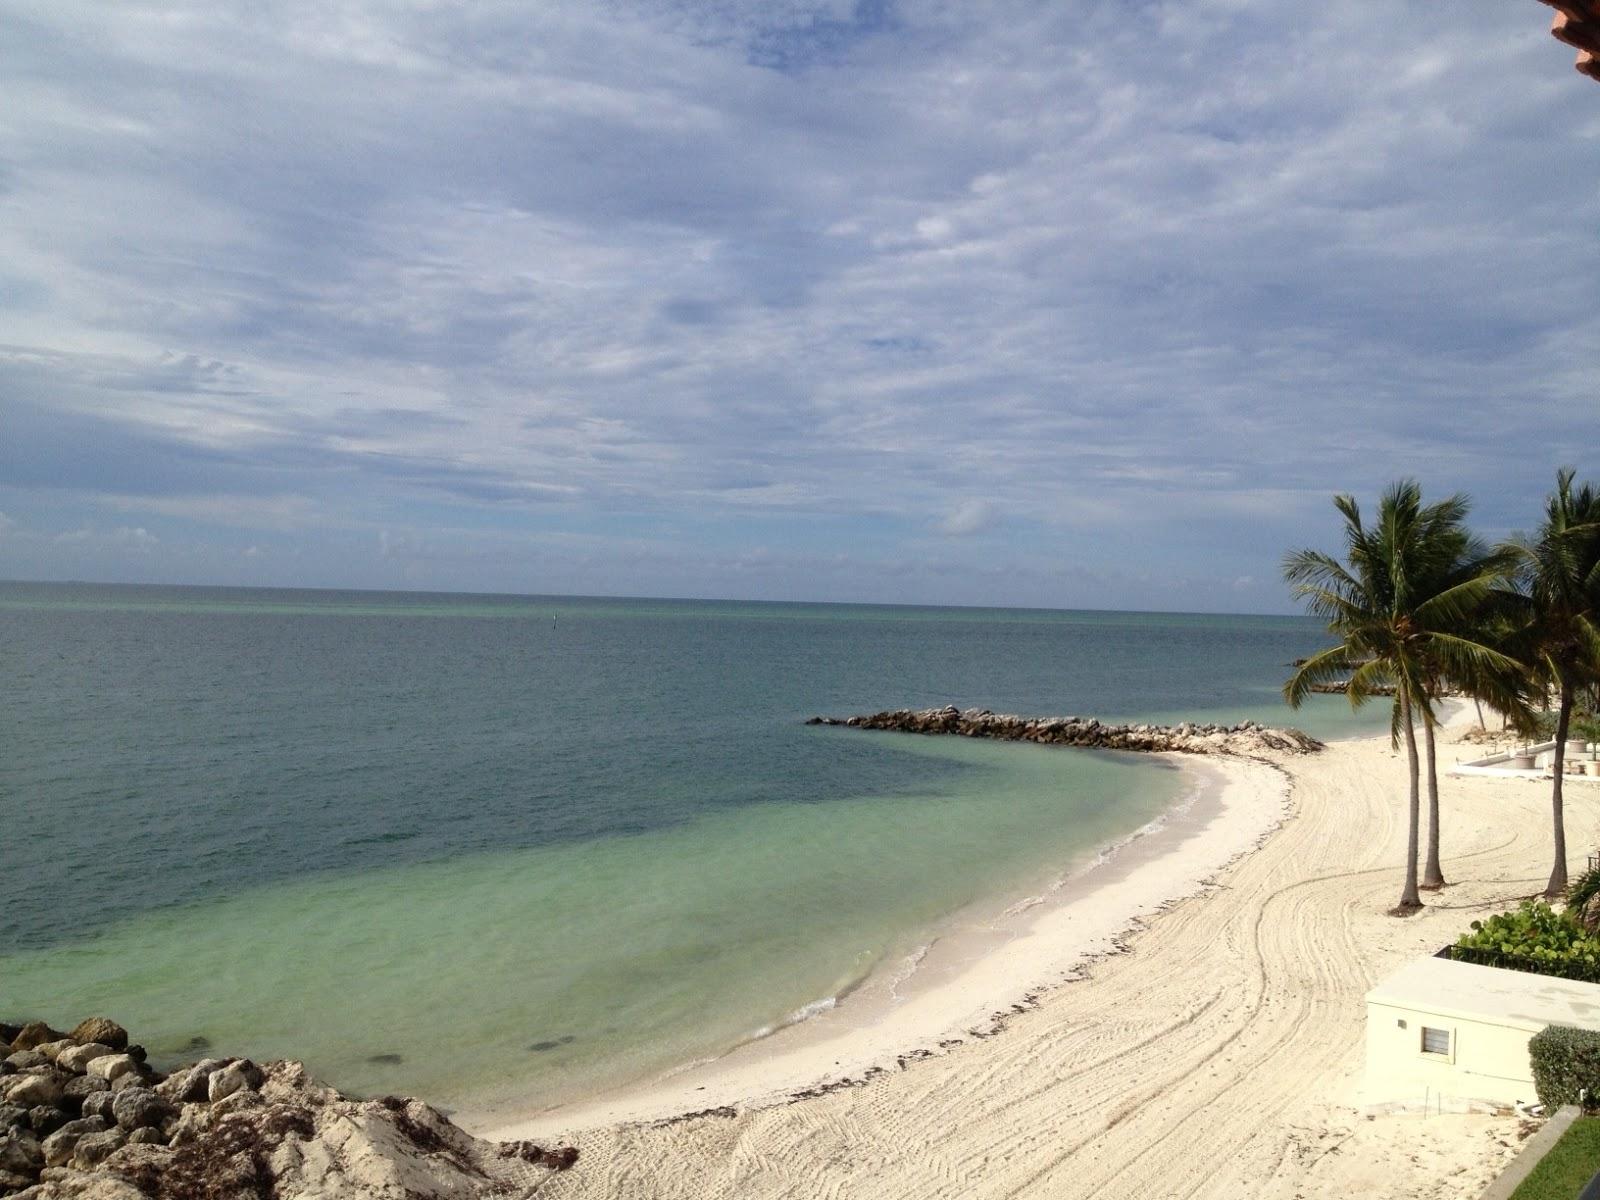 Vacation Rental Florida Keys Homes And Condos For Sale November 2012